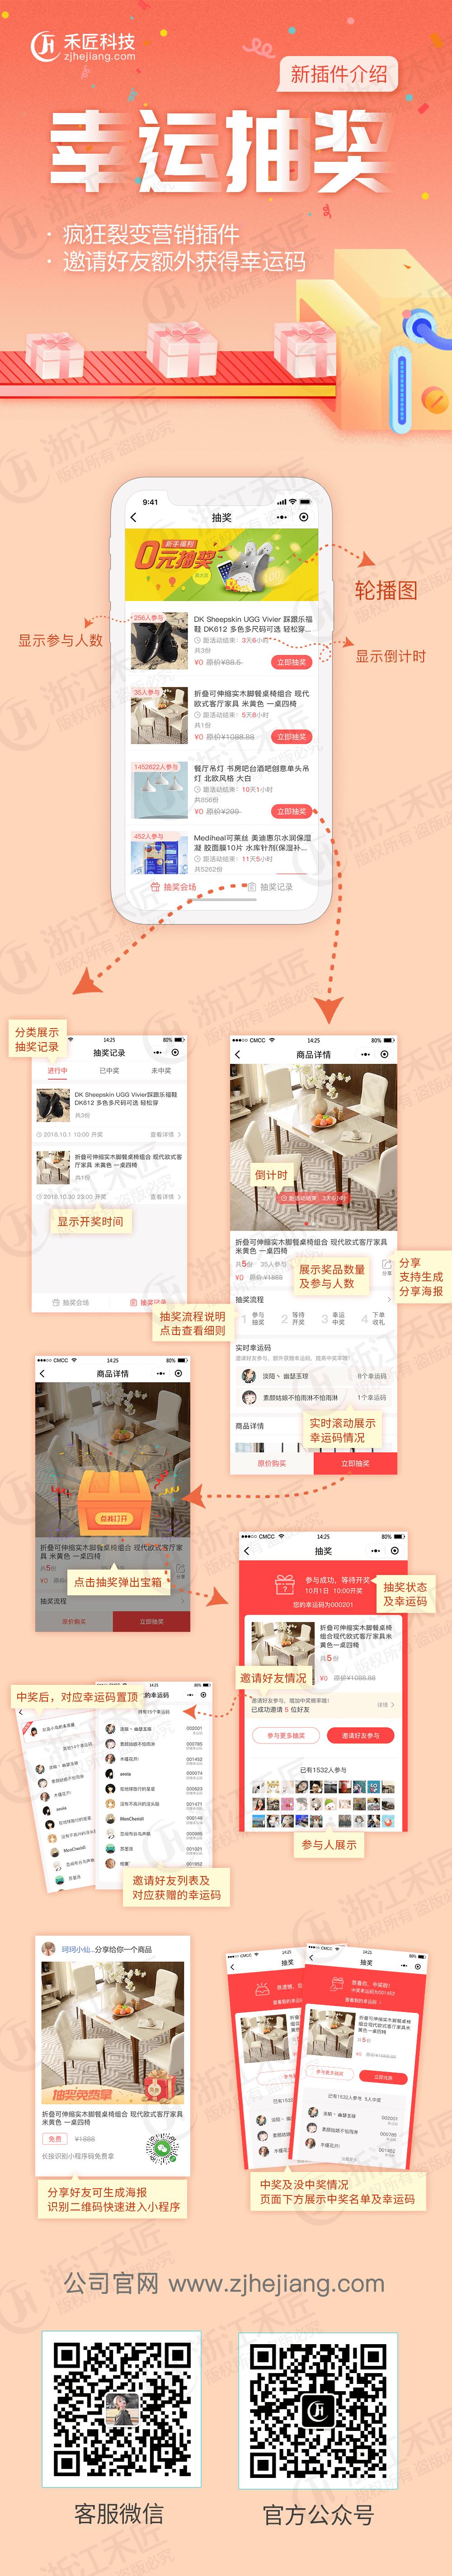 抽奖宣传图 (1)(1).png